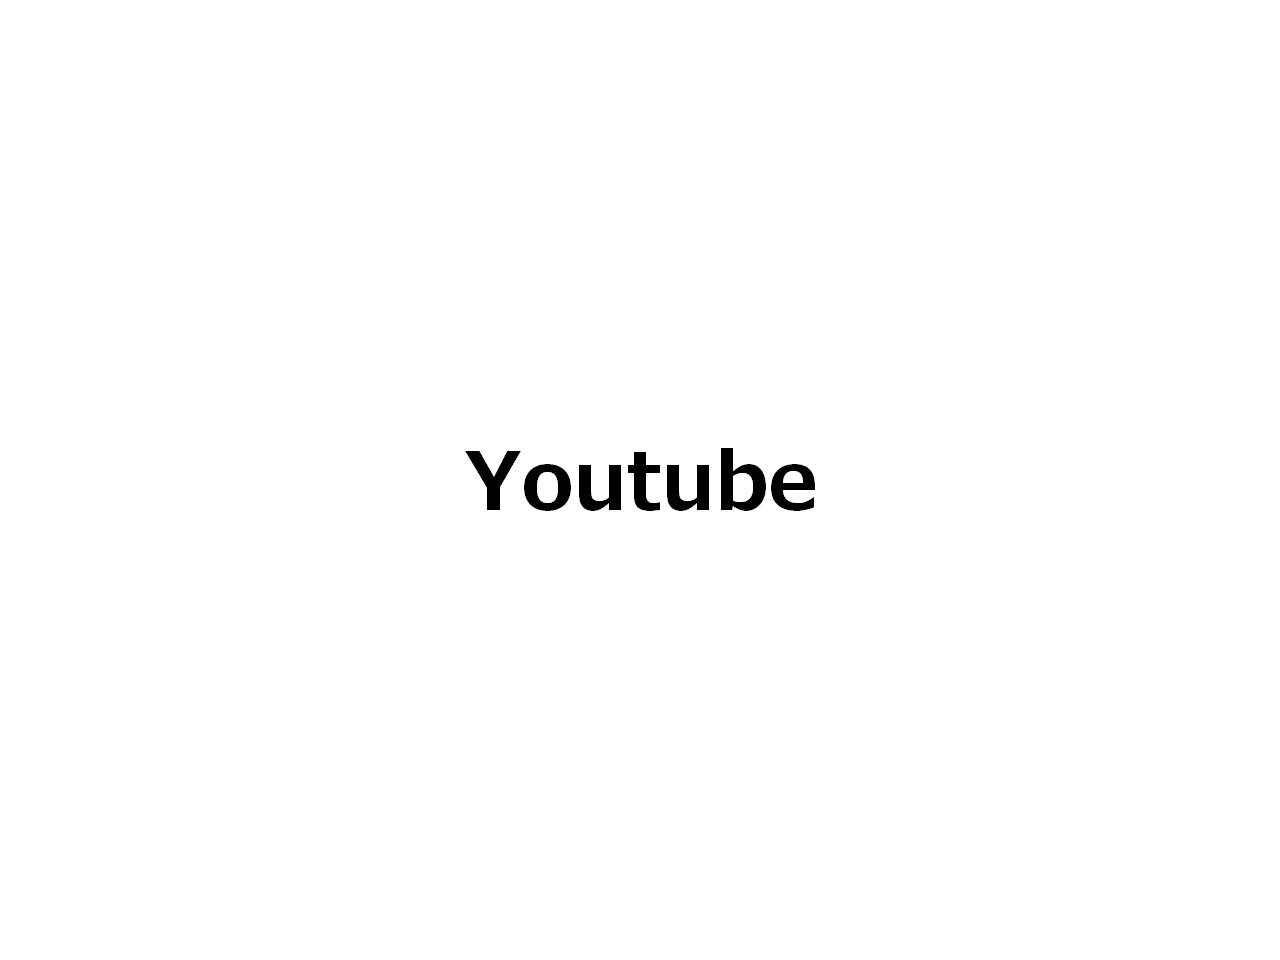 【初心者向け】英会話上達に最適なYoutube動画まとめ